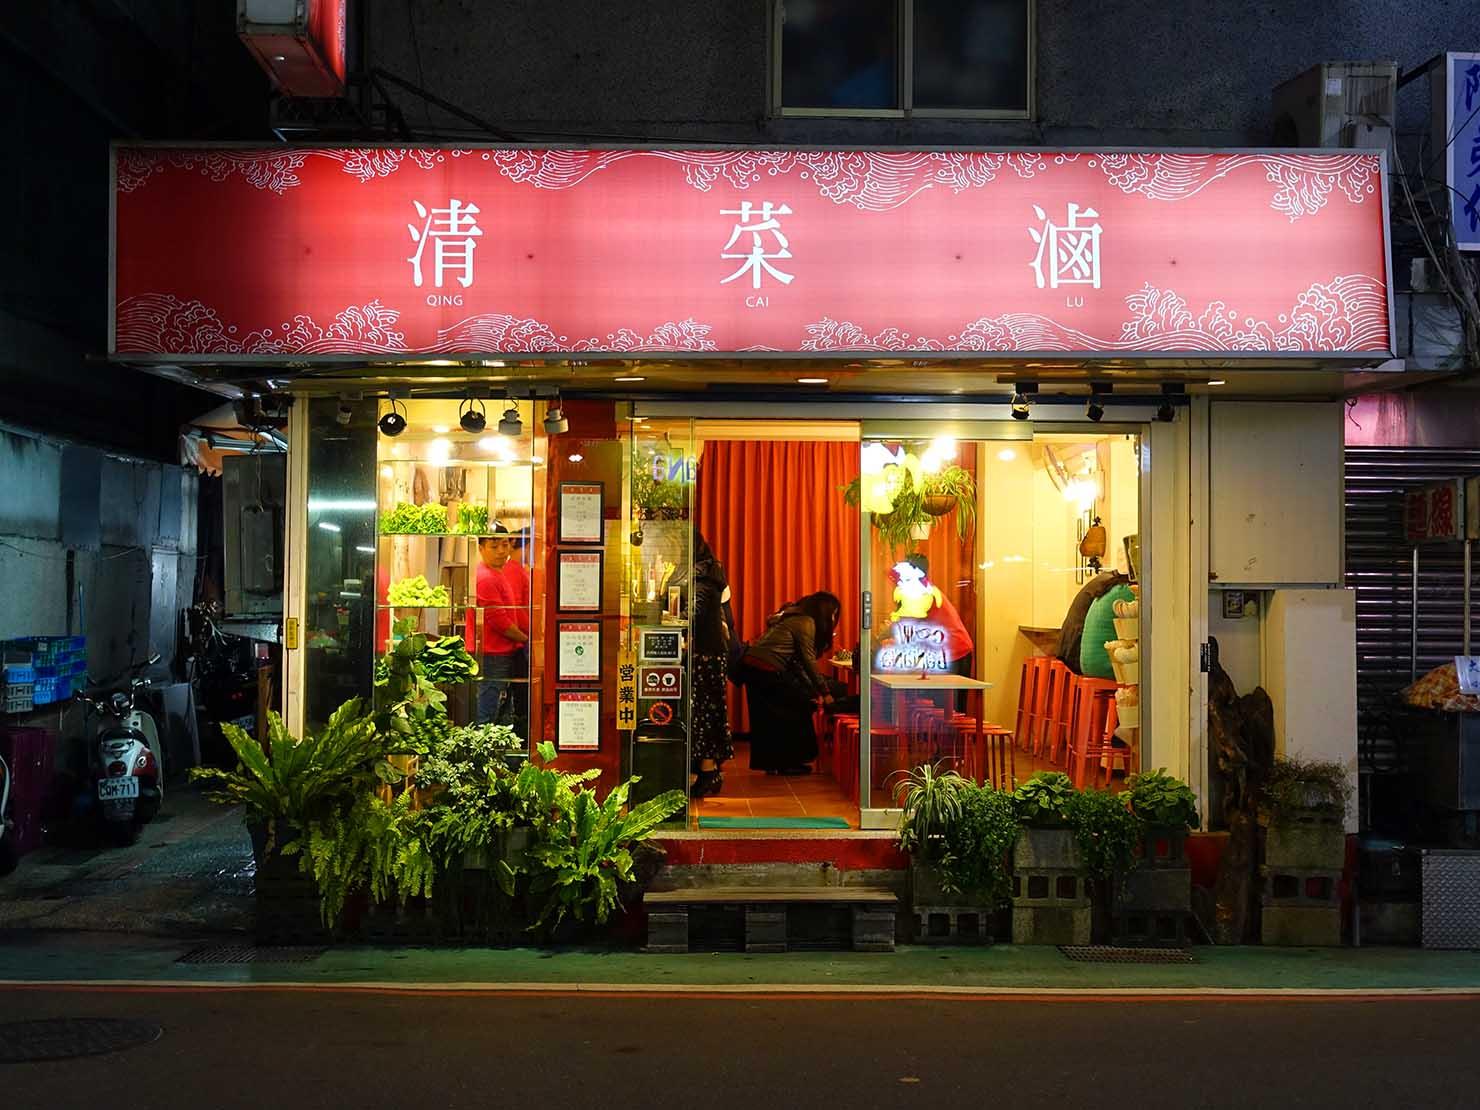 台北101エリア・市政府駅周辺のおすすめ台湾グルメ「清菜滷」の外観